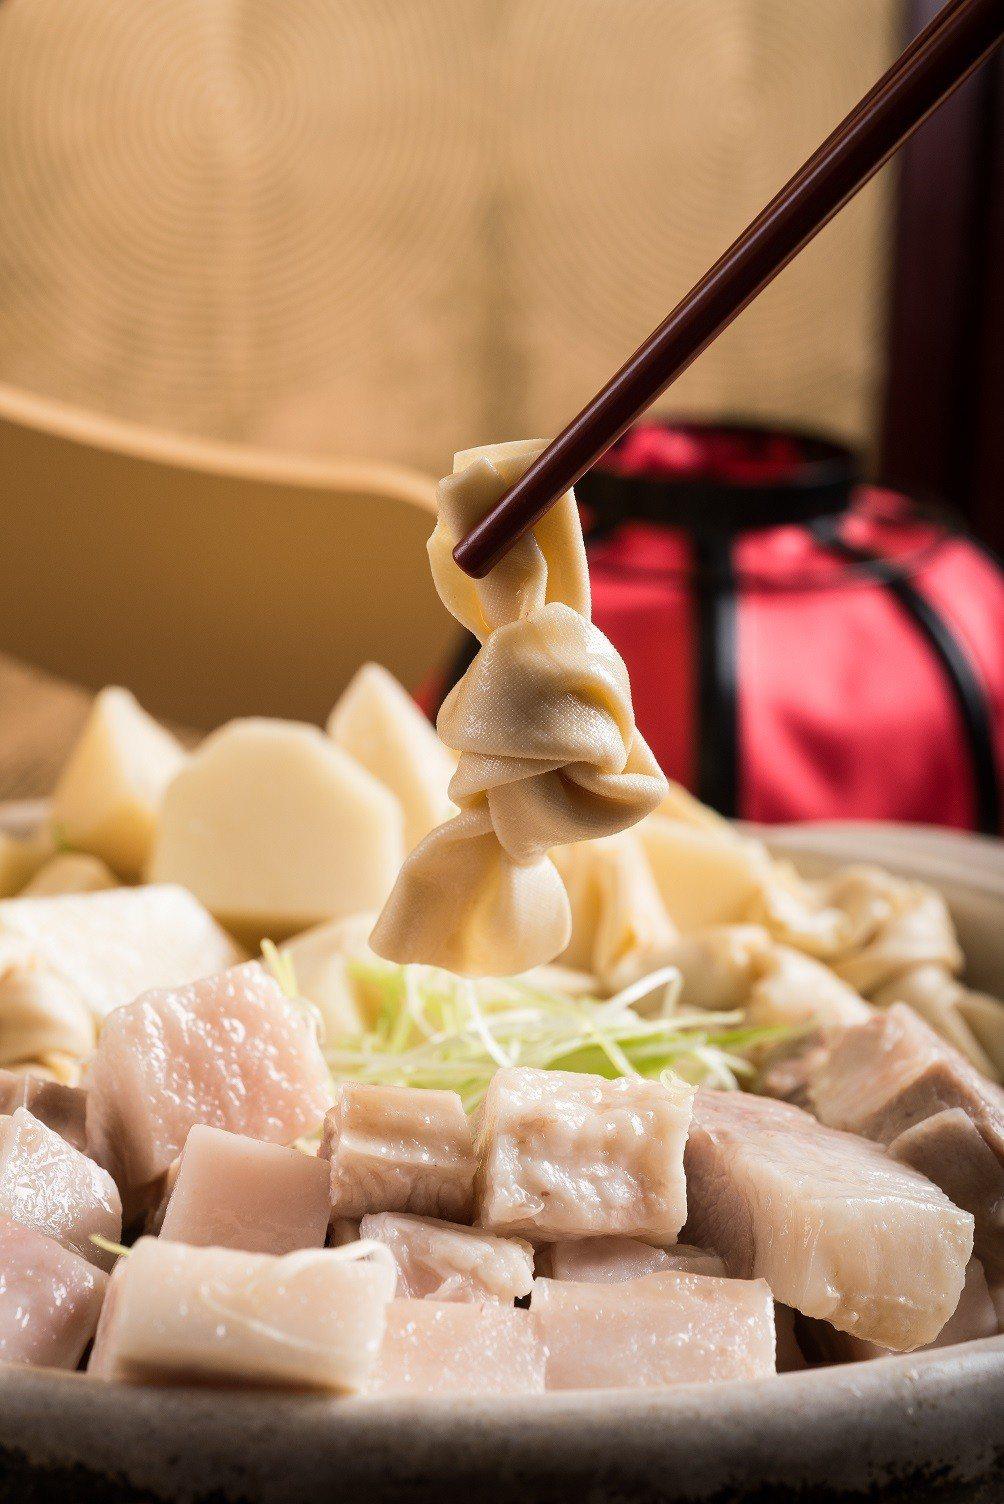 六旅遊集團跨足零售電商通路,於家樂福、好吃市集、生活市集開賣。圖為王美譽的「上海...